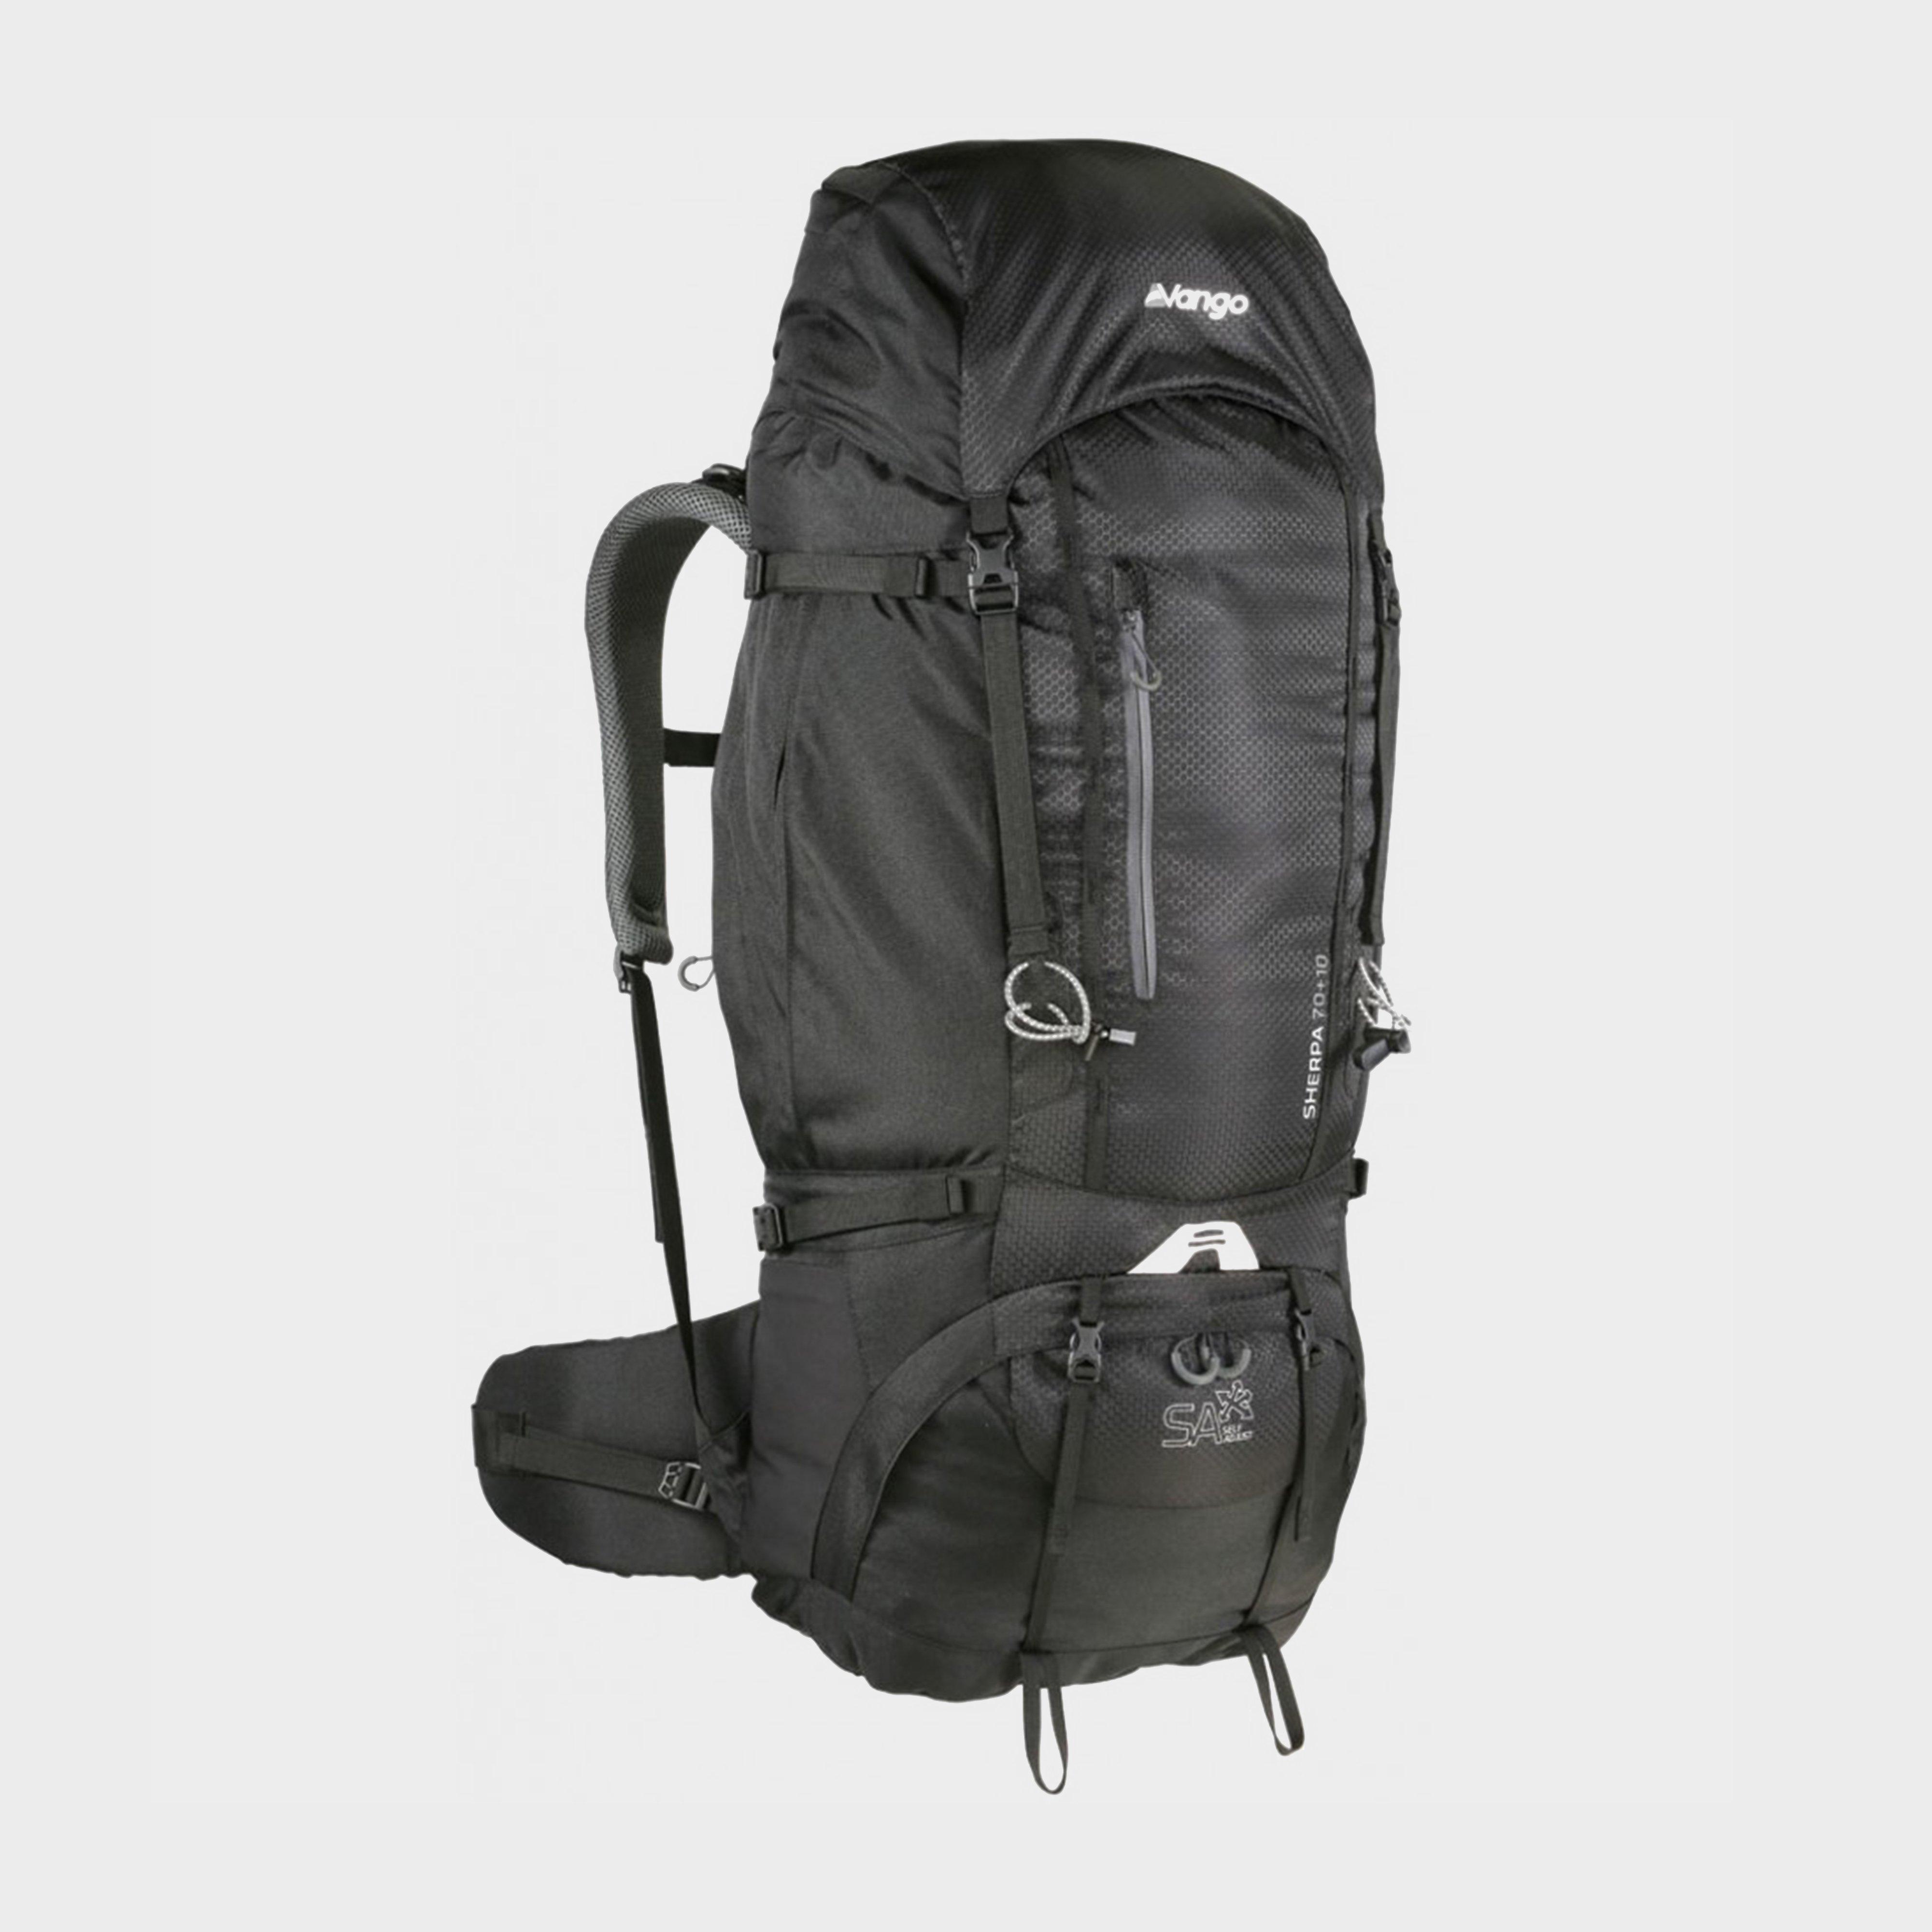 Vango Vango Sherpa 70:80 Backpack, Black